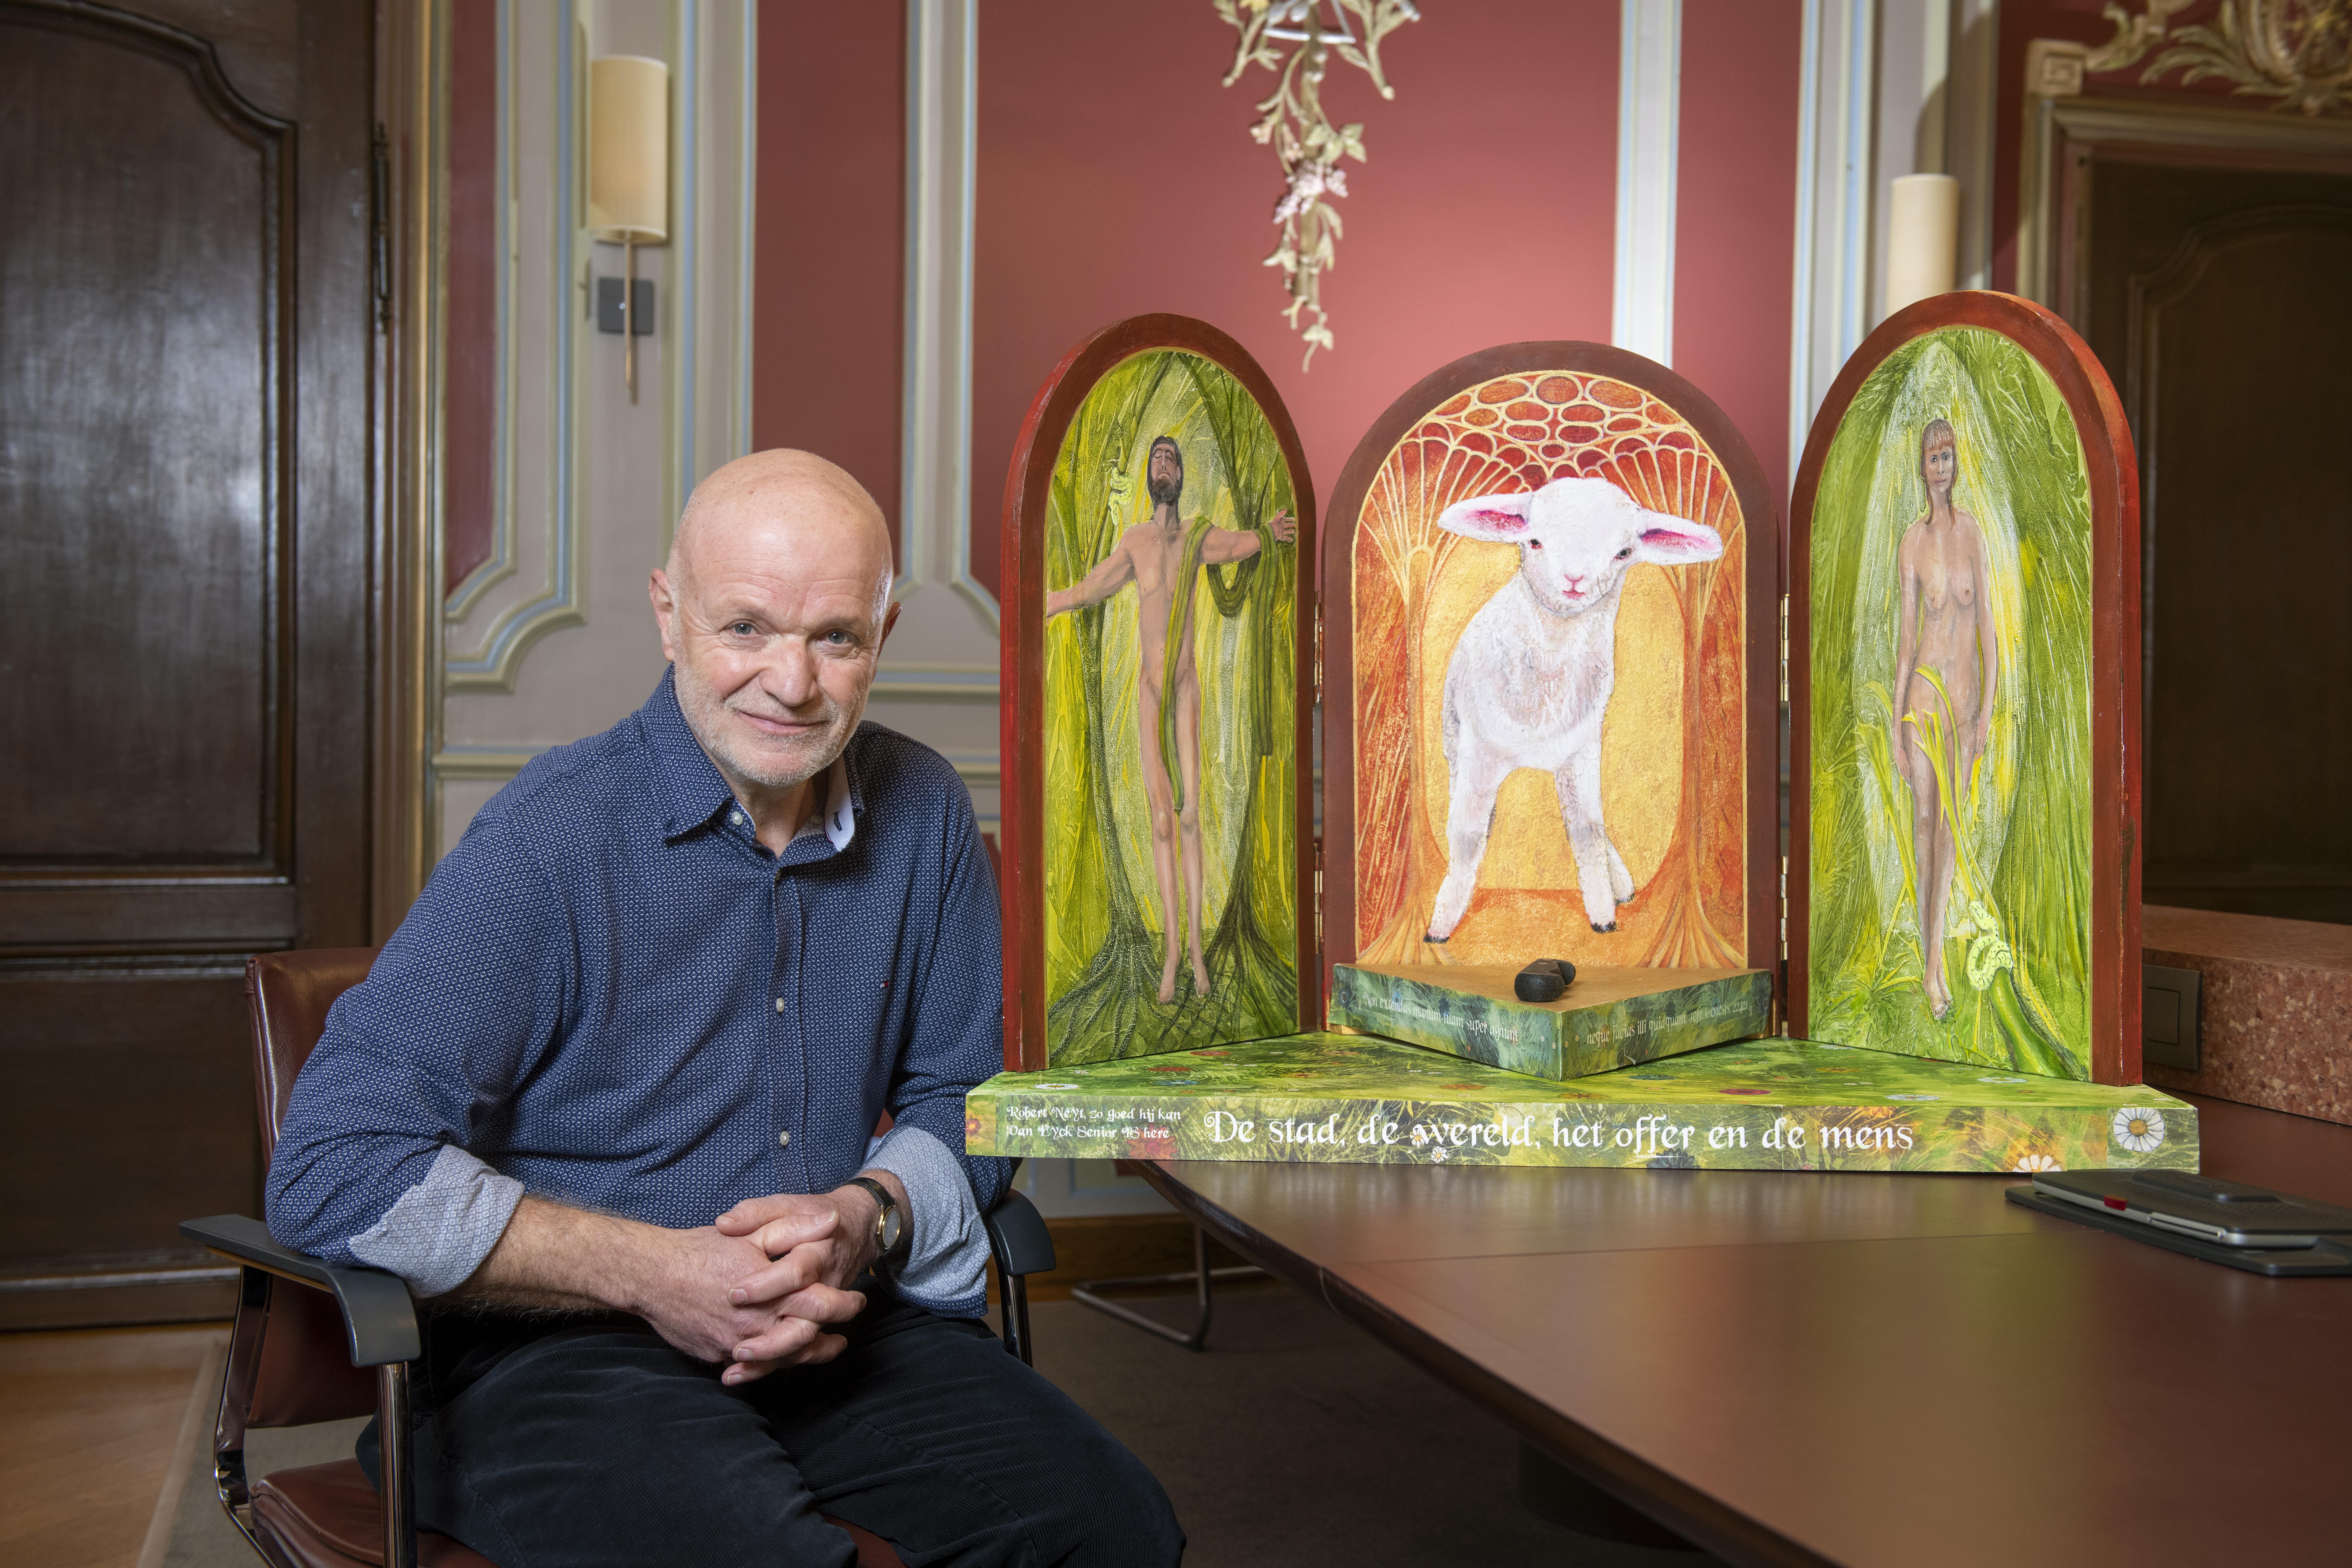 Robert Neyt, een van de deelnemers, bij zijn triptiek 'De stad, de wereld, het offer en de mens'.